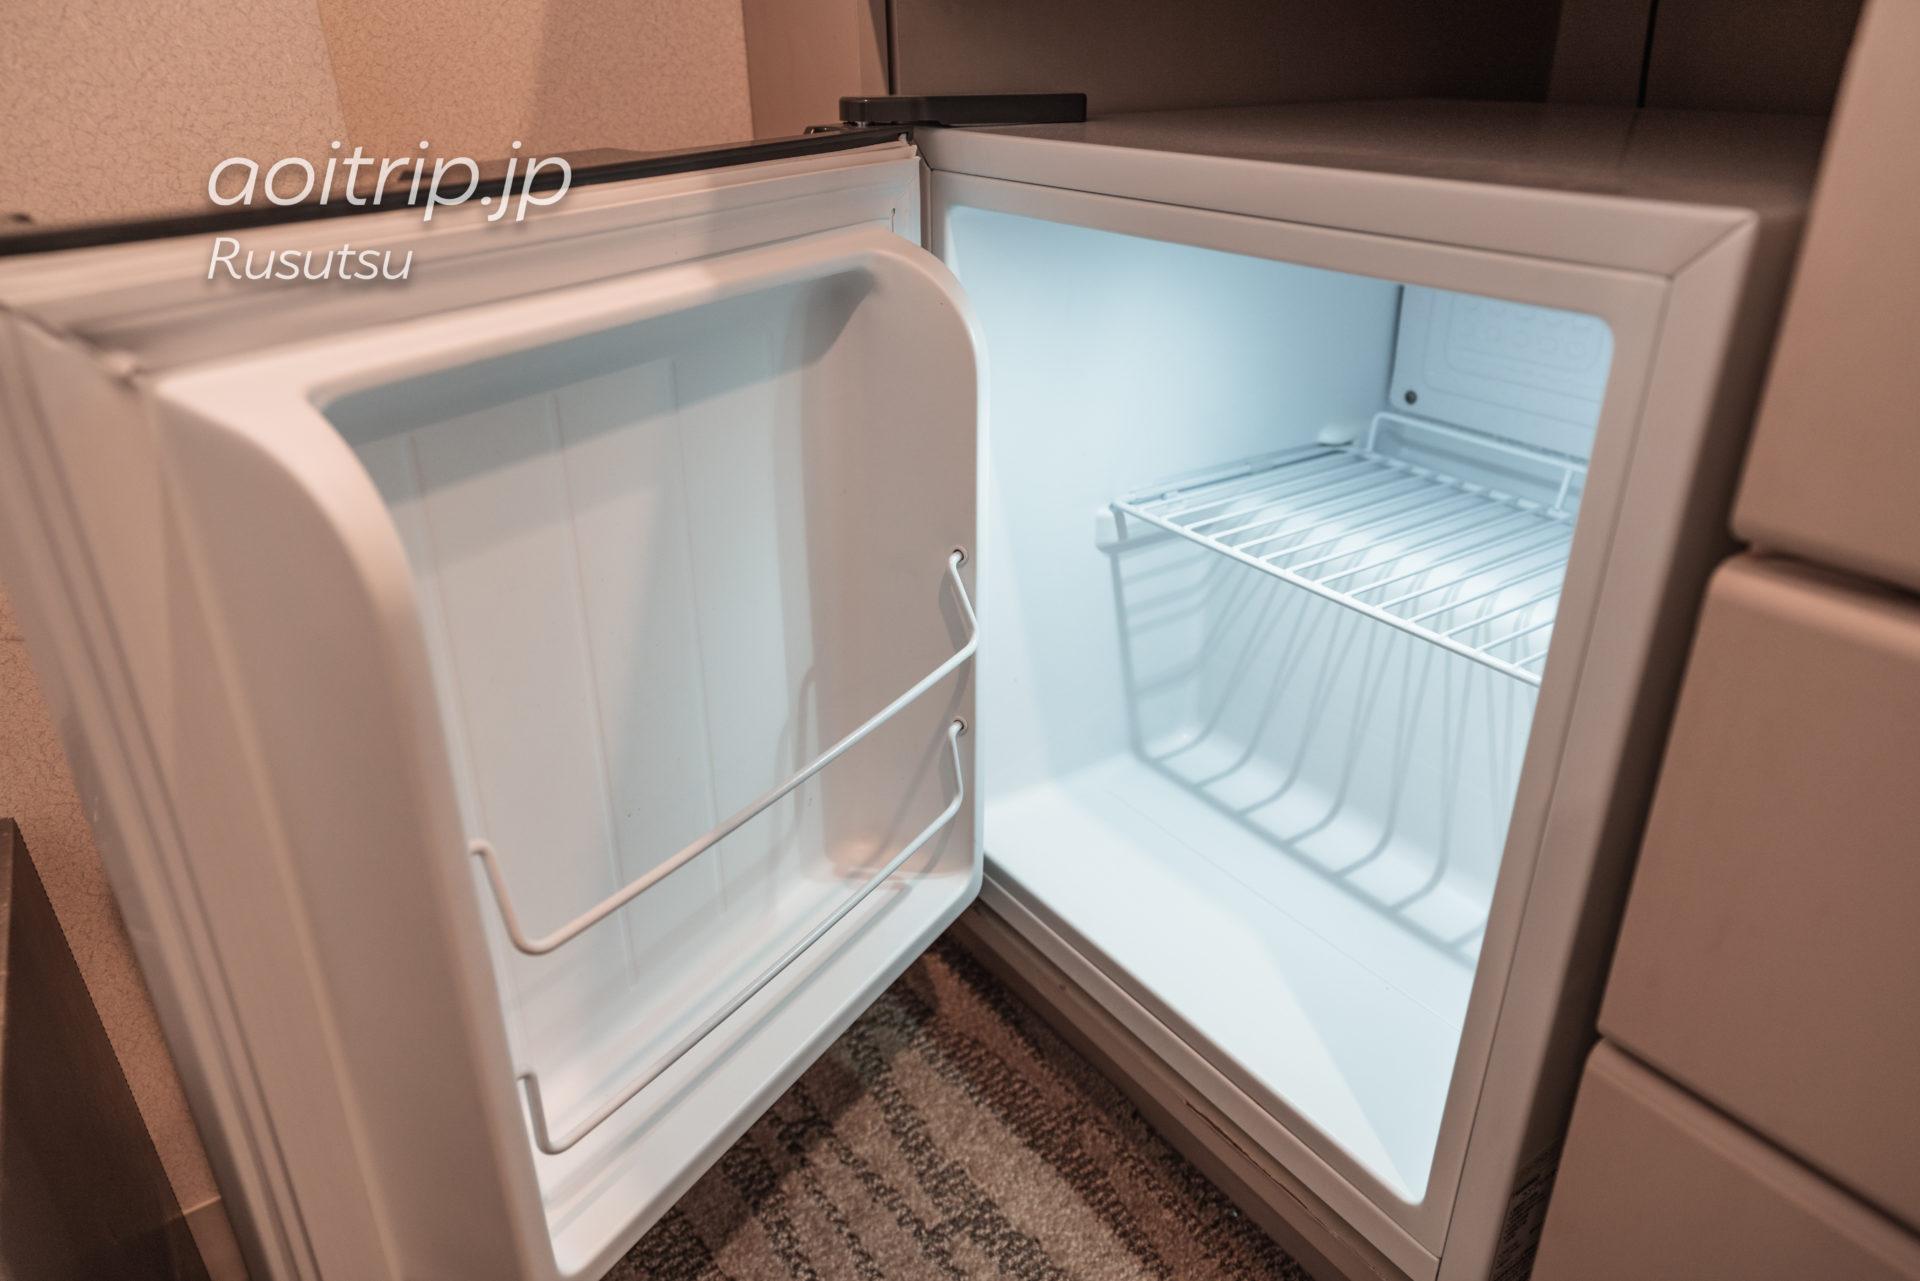 ウェスティン ルスツリゾート The Westin Rusutsu Resort スイートルームの冷蔵庫